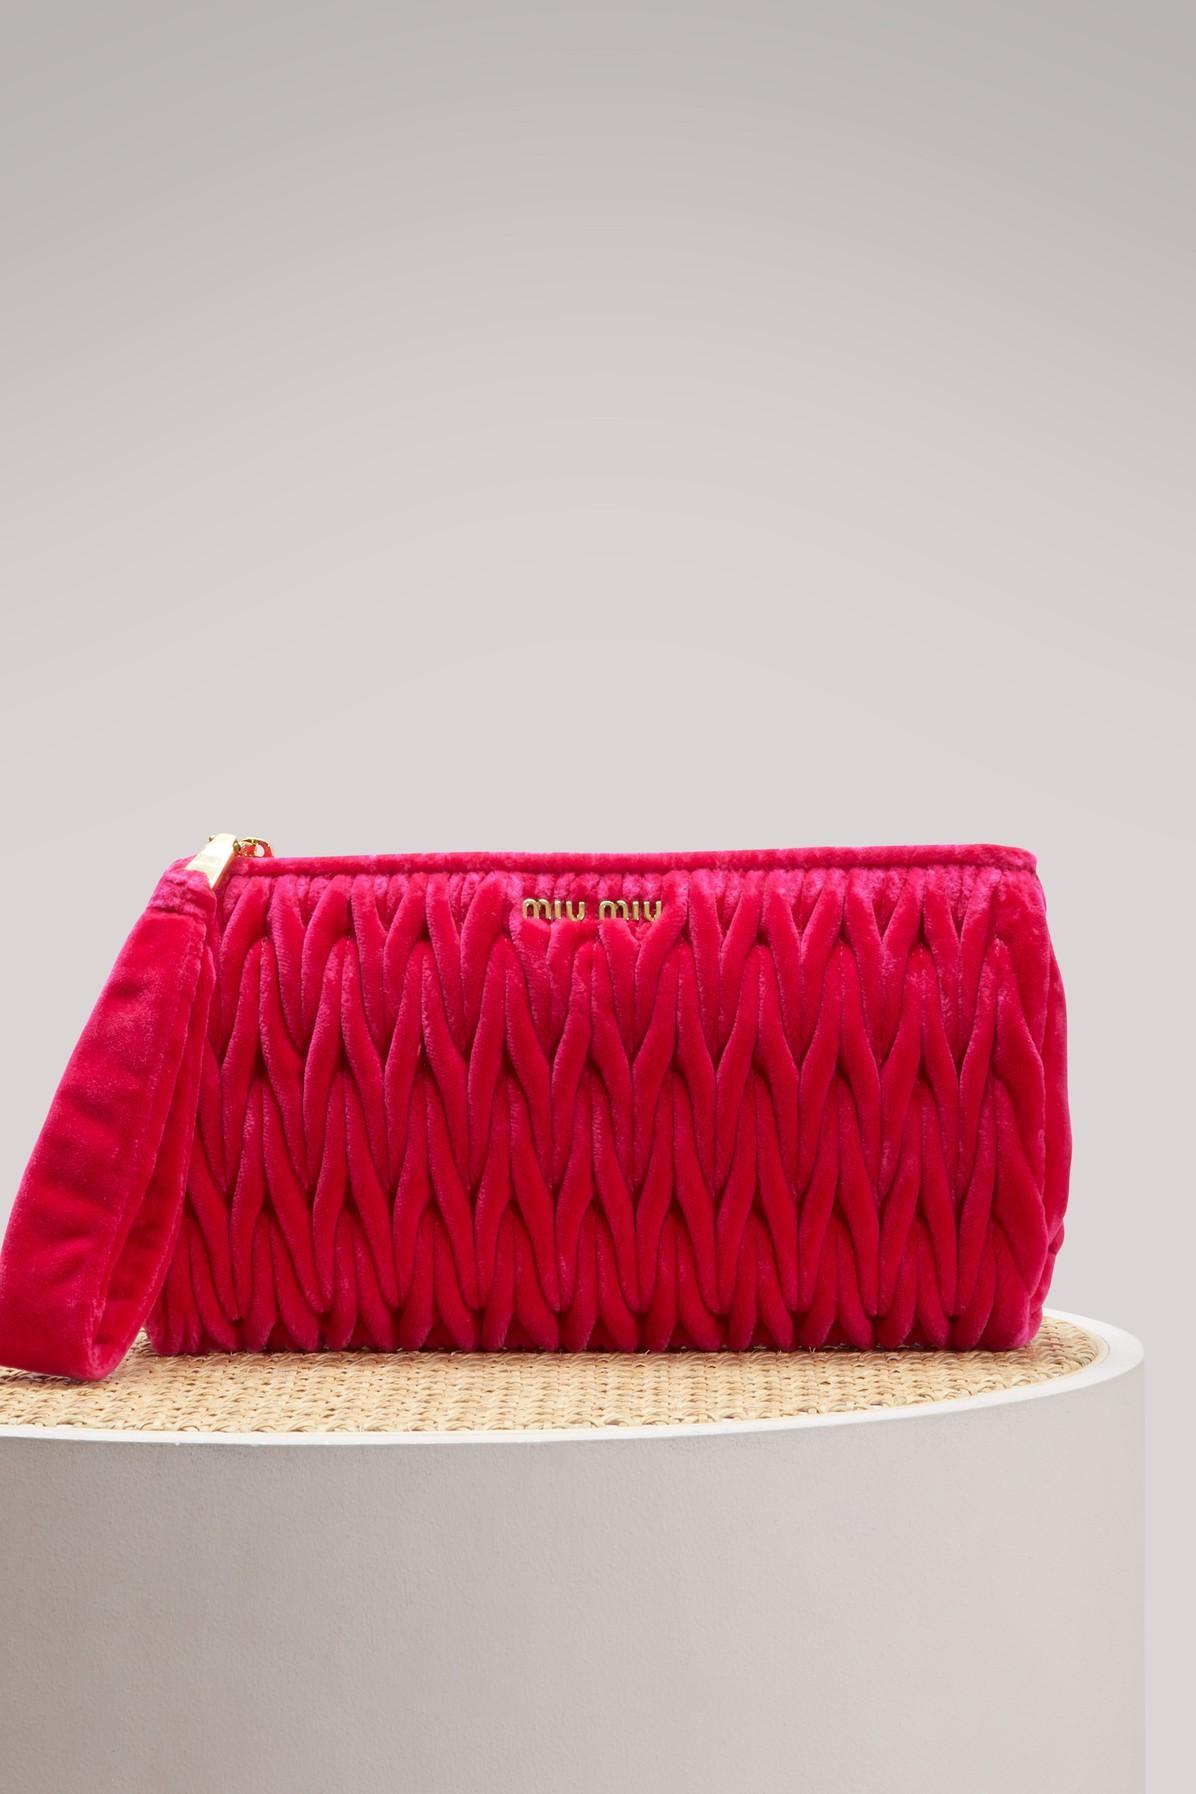 2f3edbf4b2c7 Miu Miu MatelassÉ Leather Clutch In Pink